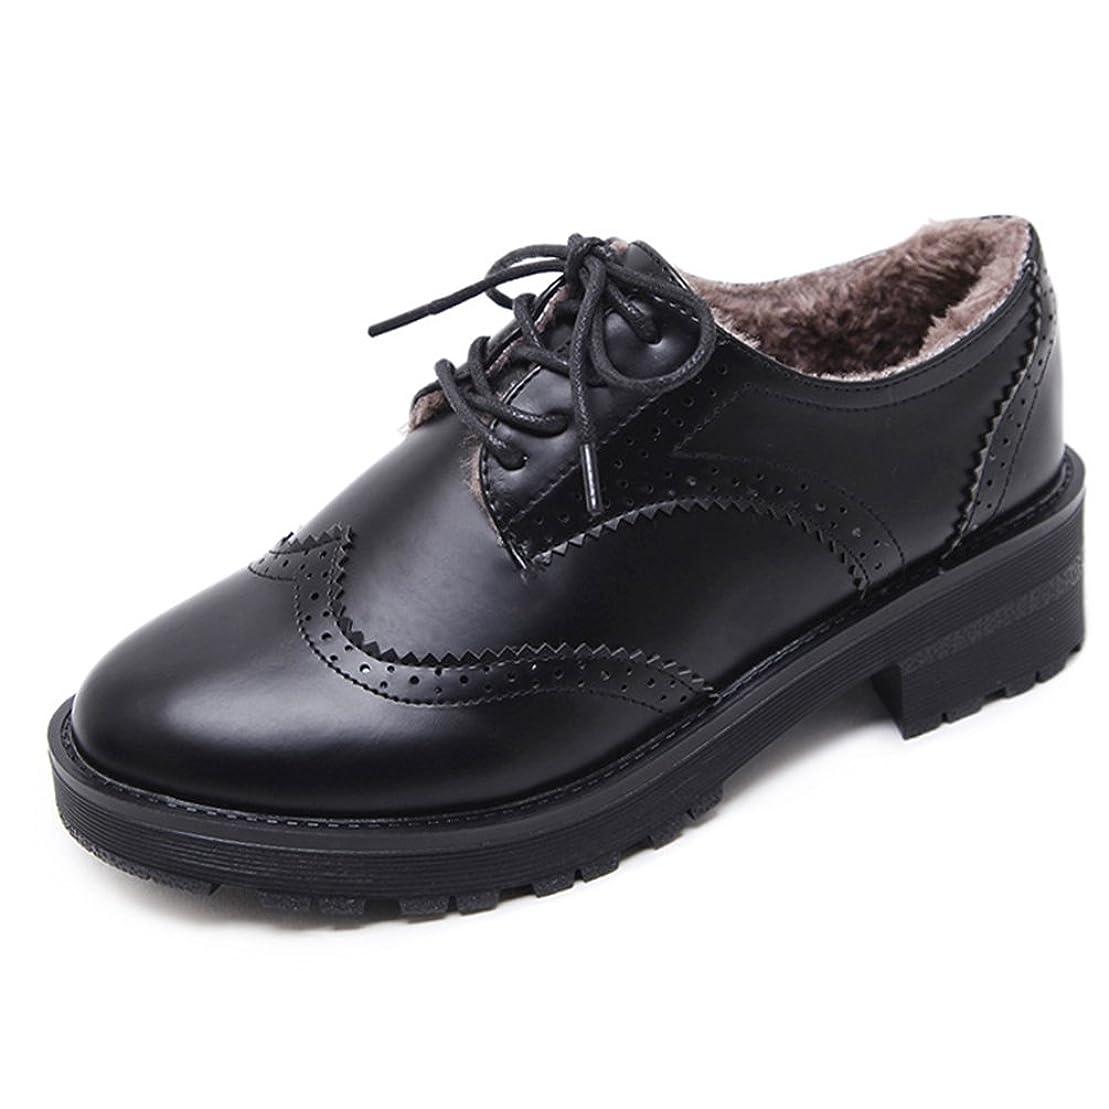 フラップ不愉快バッグ[サニーサニー] ブーツ レディース ブーティー オックスフォードシューズ ブローグ ボア付き 通学 レースアップ 太ヒール ローヒール 歩きやすい 可愛い コンフォート 柔らかい 軽量 快適 カジュアル 黒